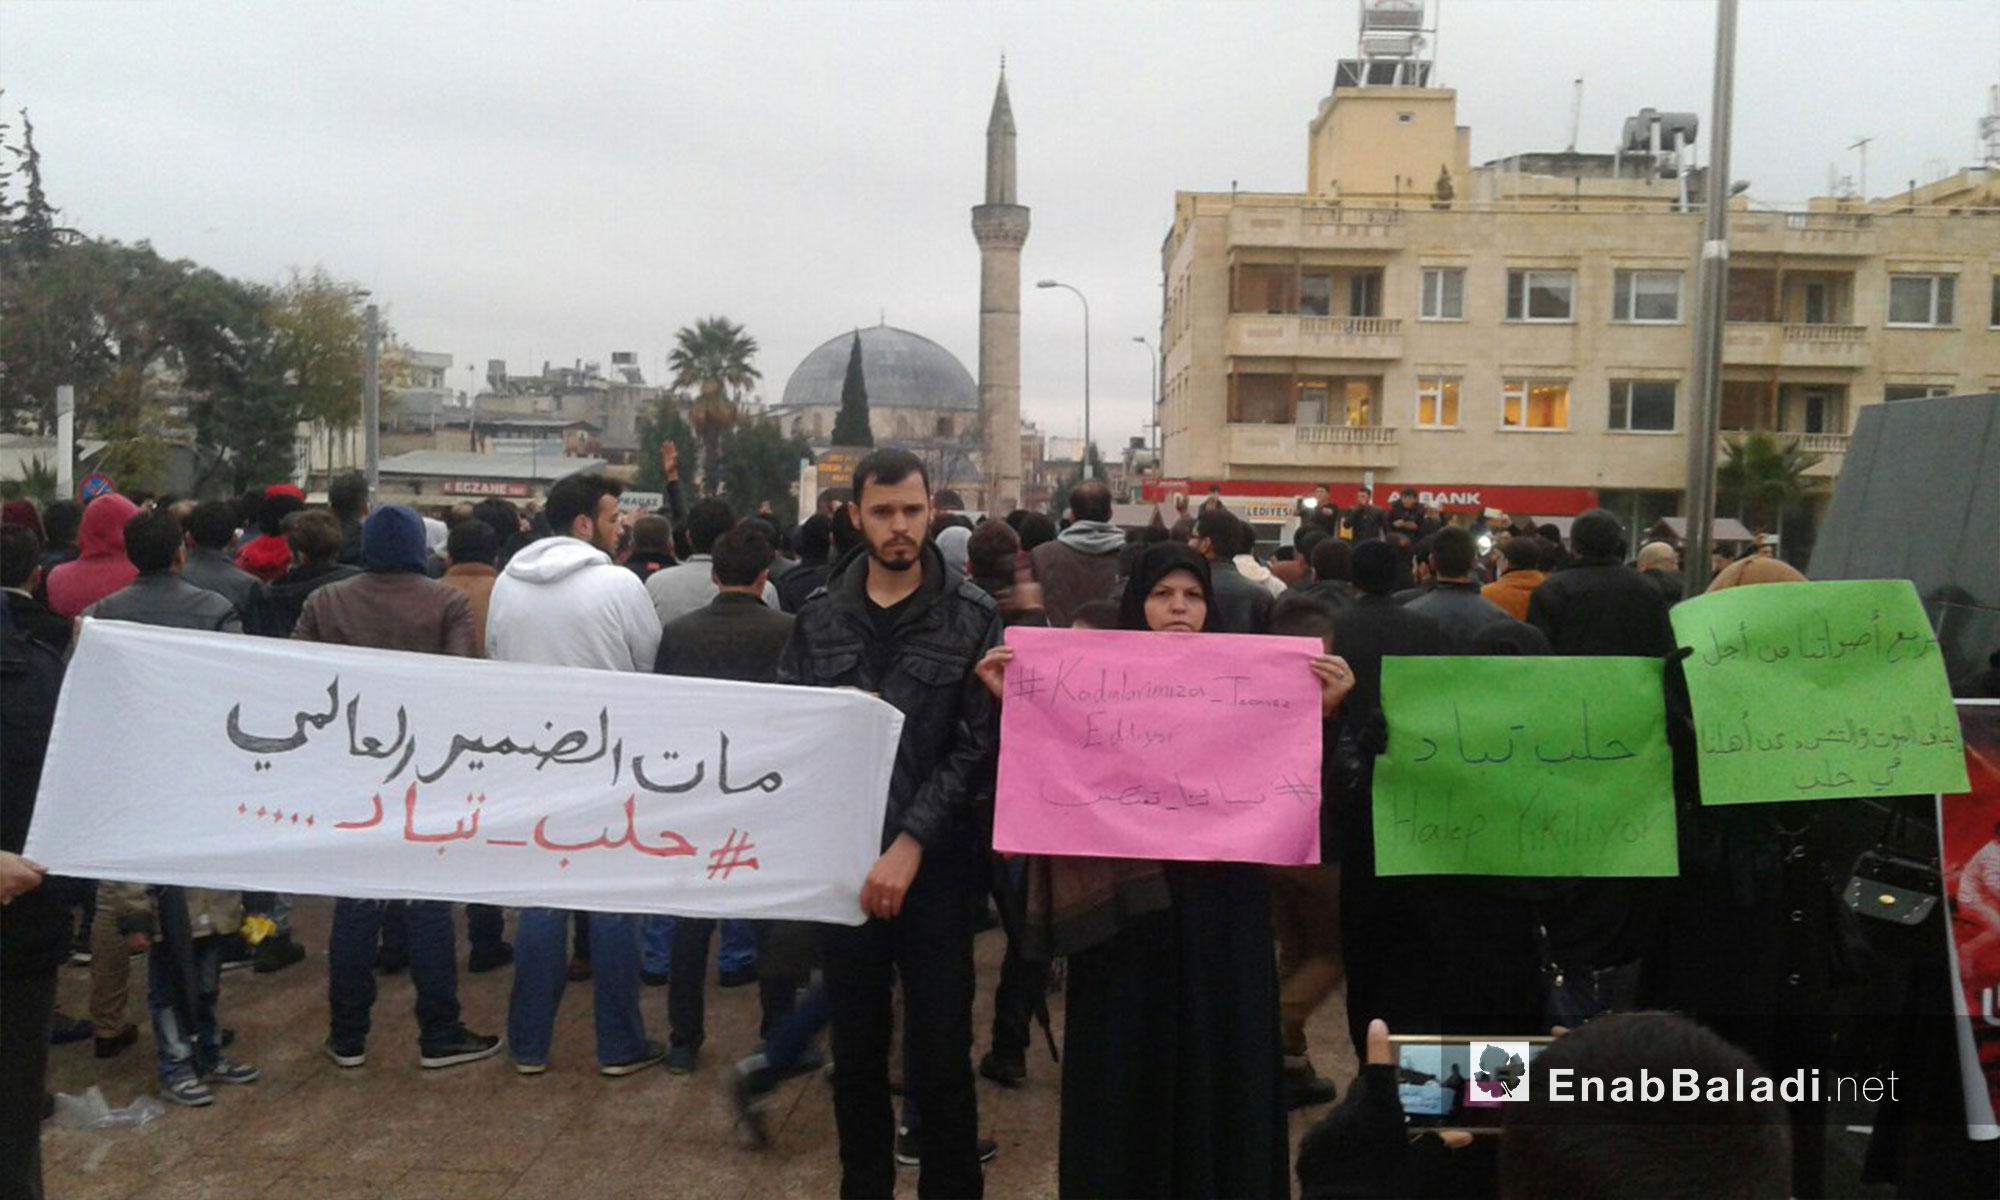 السوريون في كلس بتركيا في وقفة تضامنية مع حلب - 13 كانون الأول 2016 (عنب بلدي)